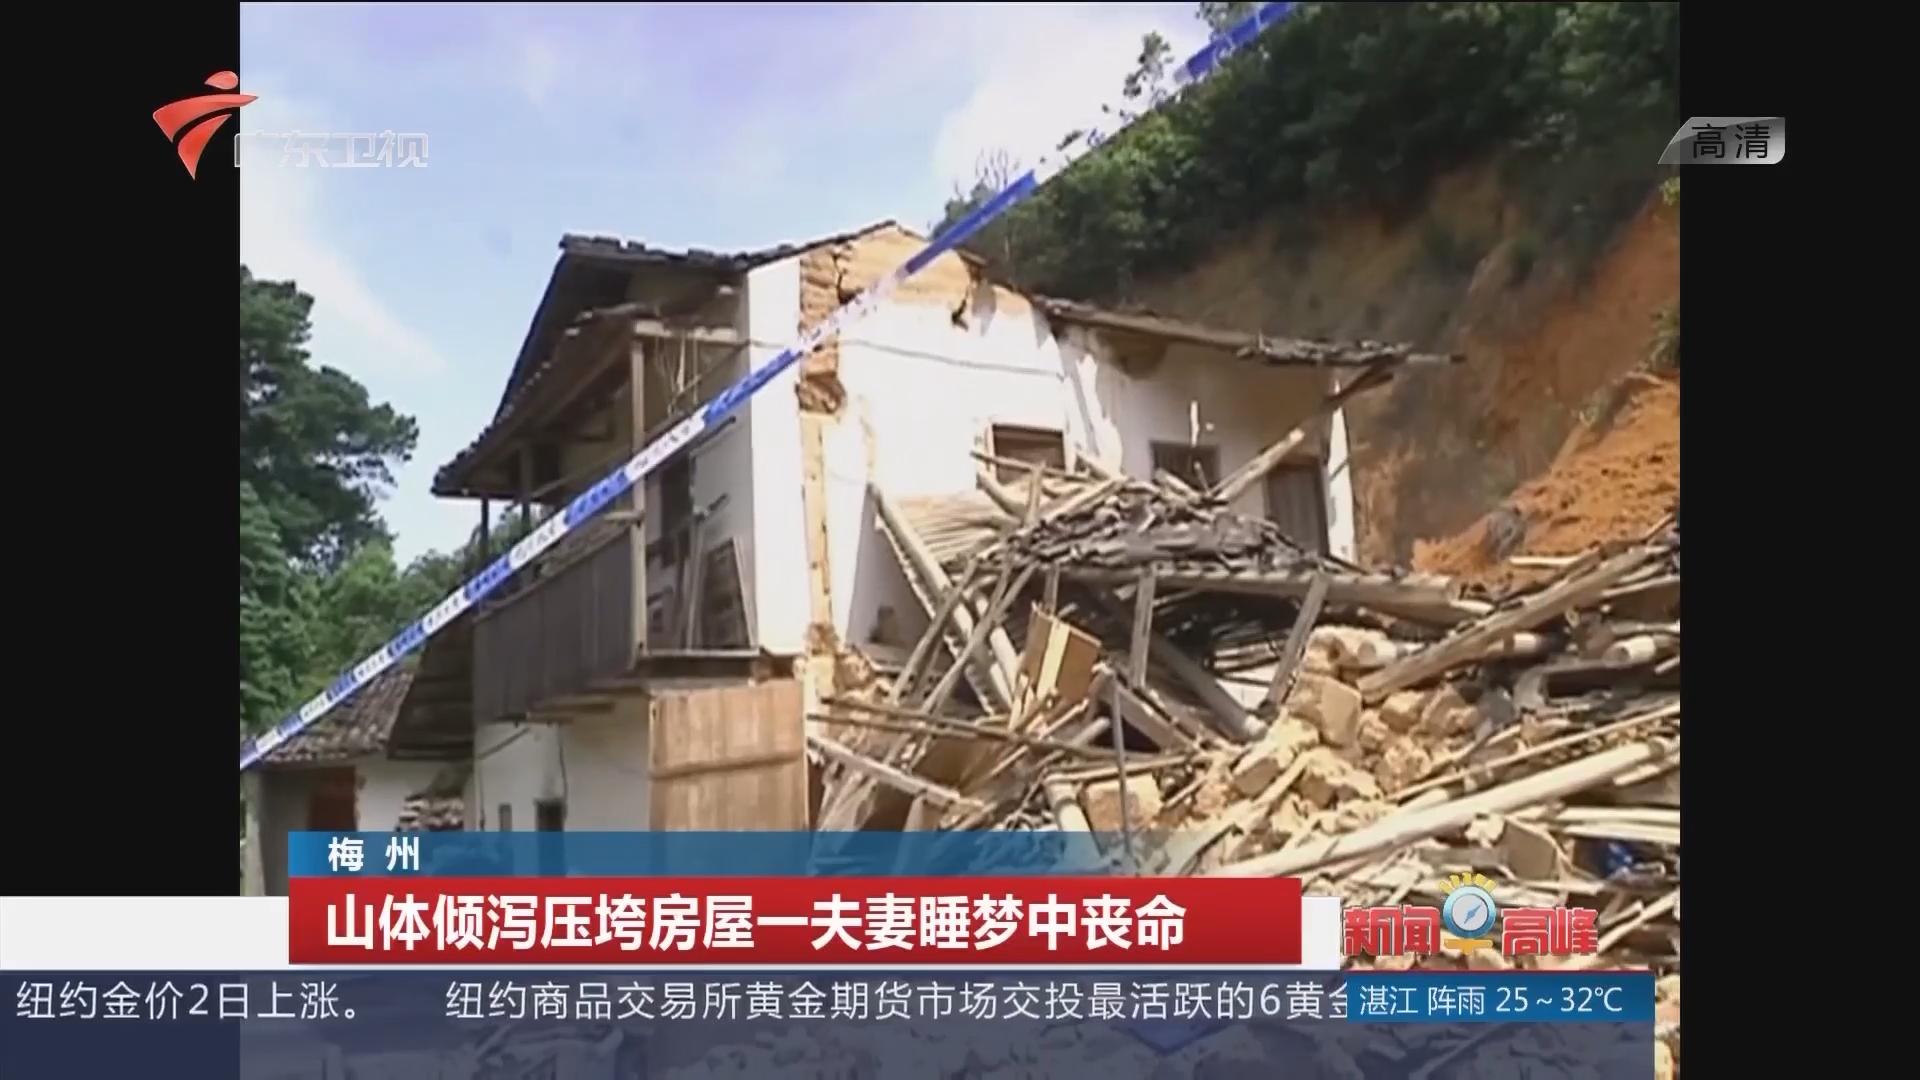 梅州:山体倾泻压垮房屋一夫妻睡梦中丧命